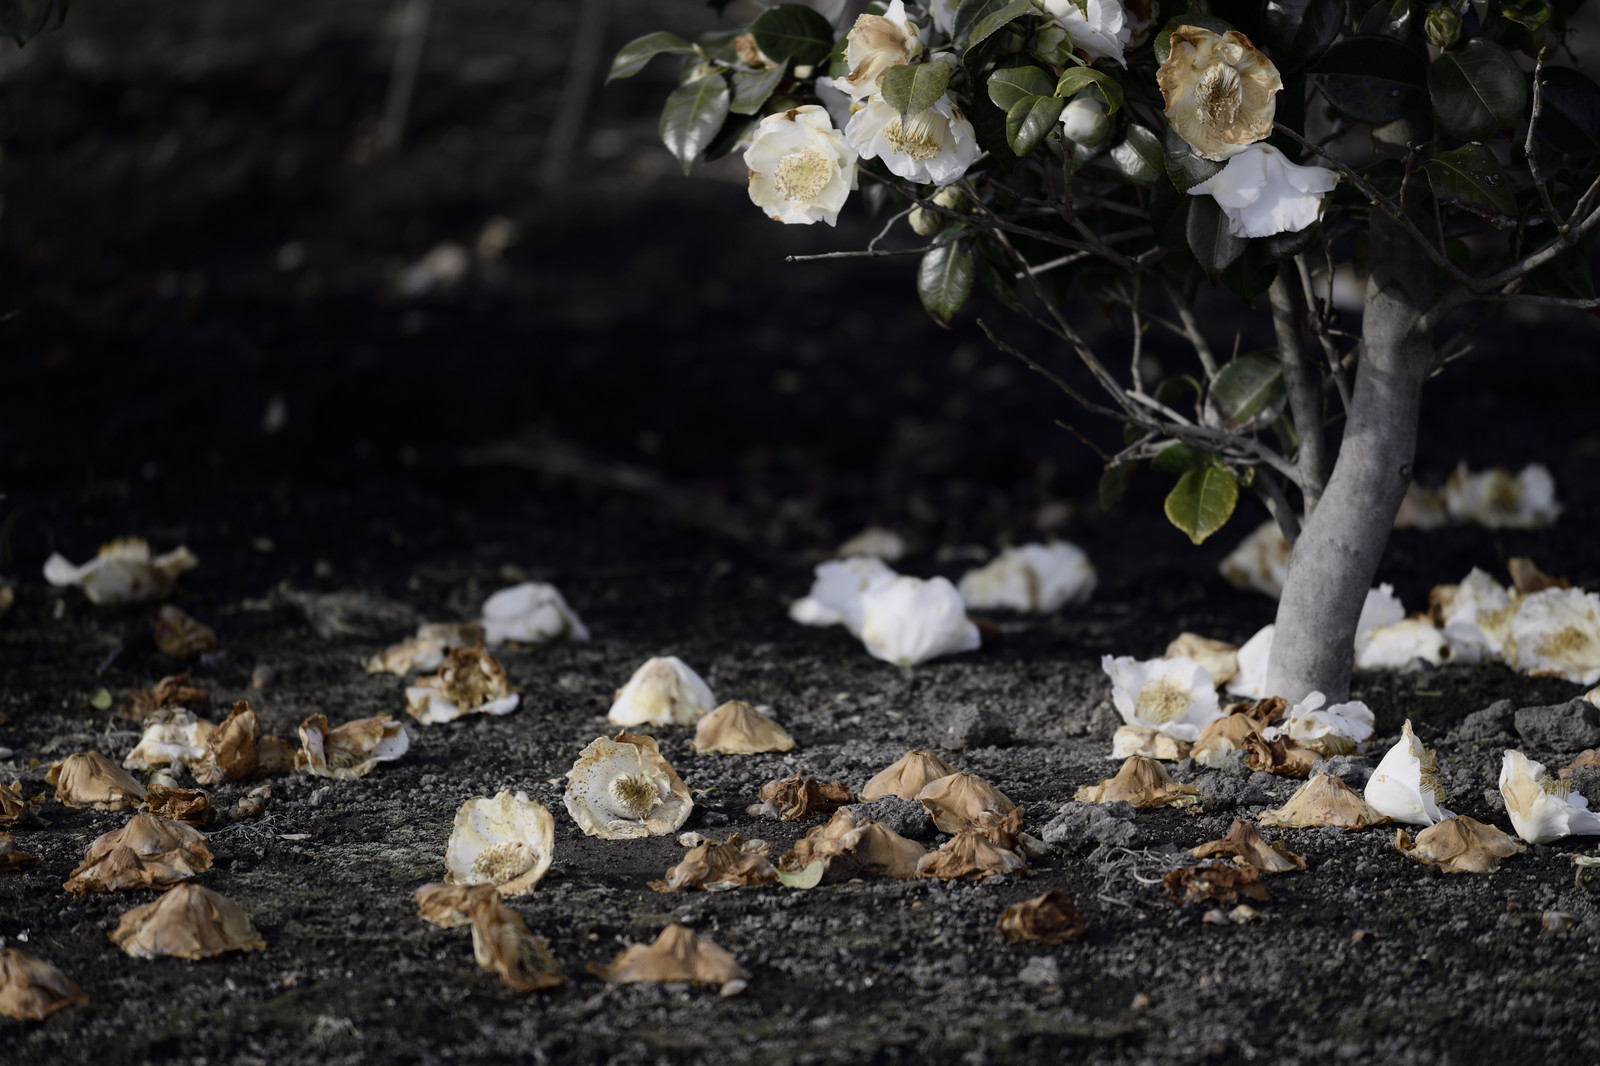 「地面に落ちる椿の花」の写真